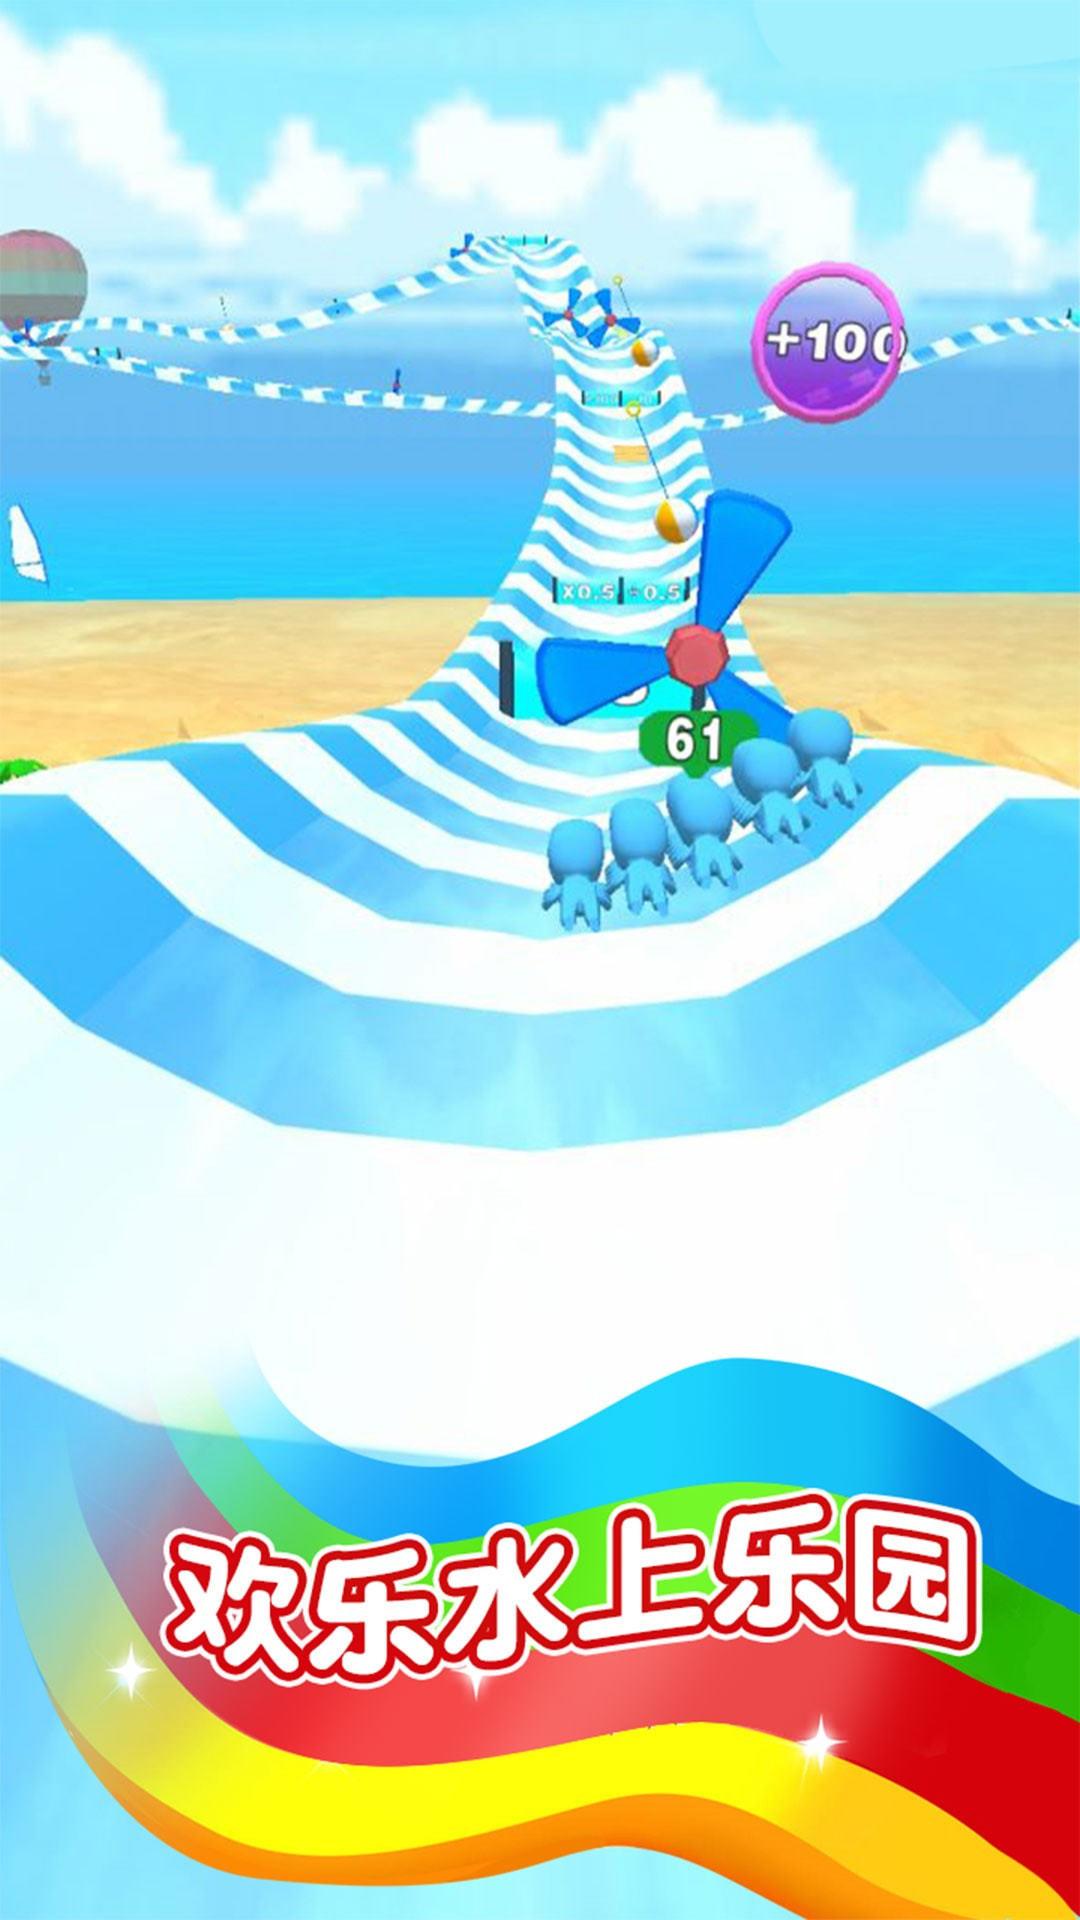 水上冒险乐园图1